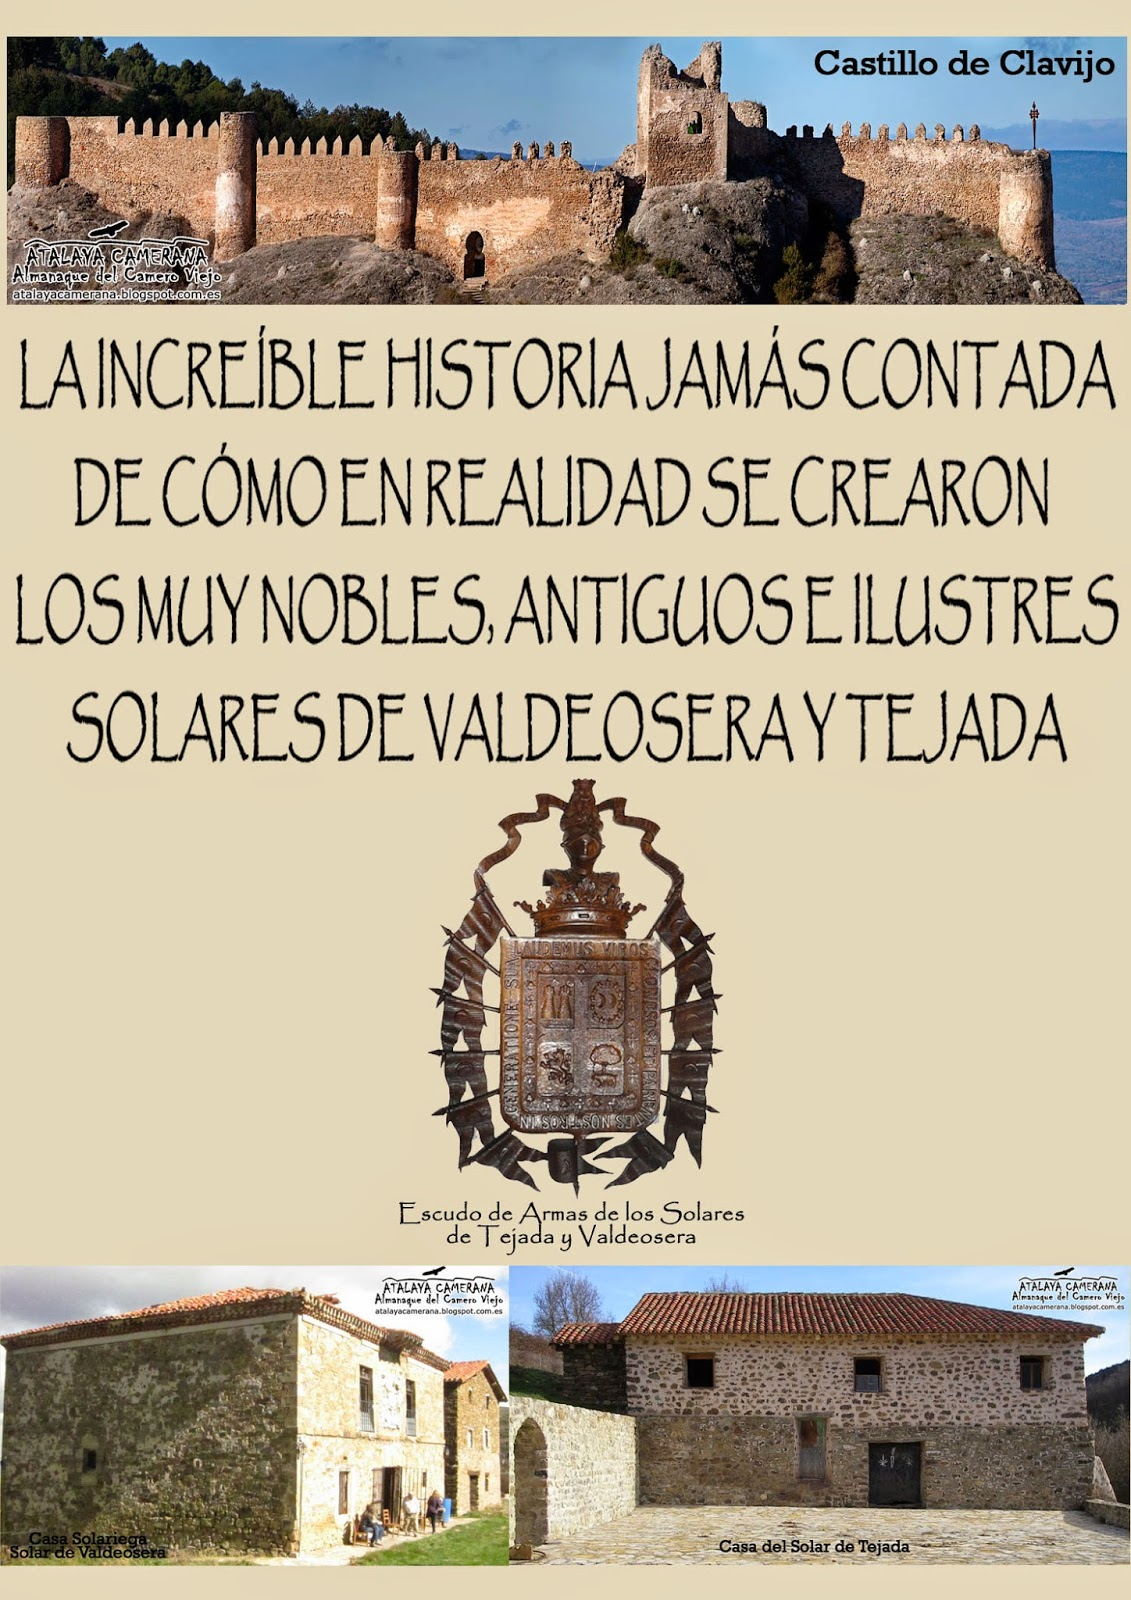 """""""La increíble historia jamás contada de cómo se crearon los Muy Nobles, Antiguos e Ilustres Solares de Valdeosera y Tejada"""""""